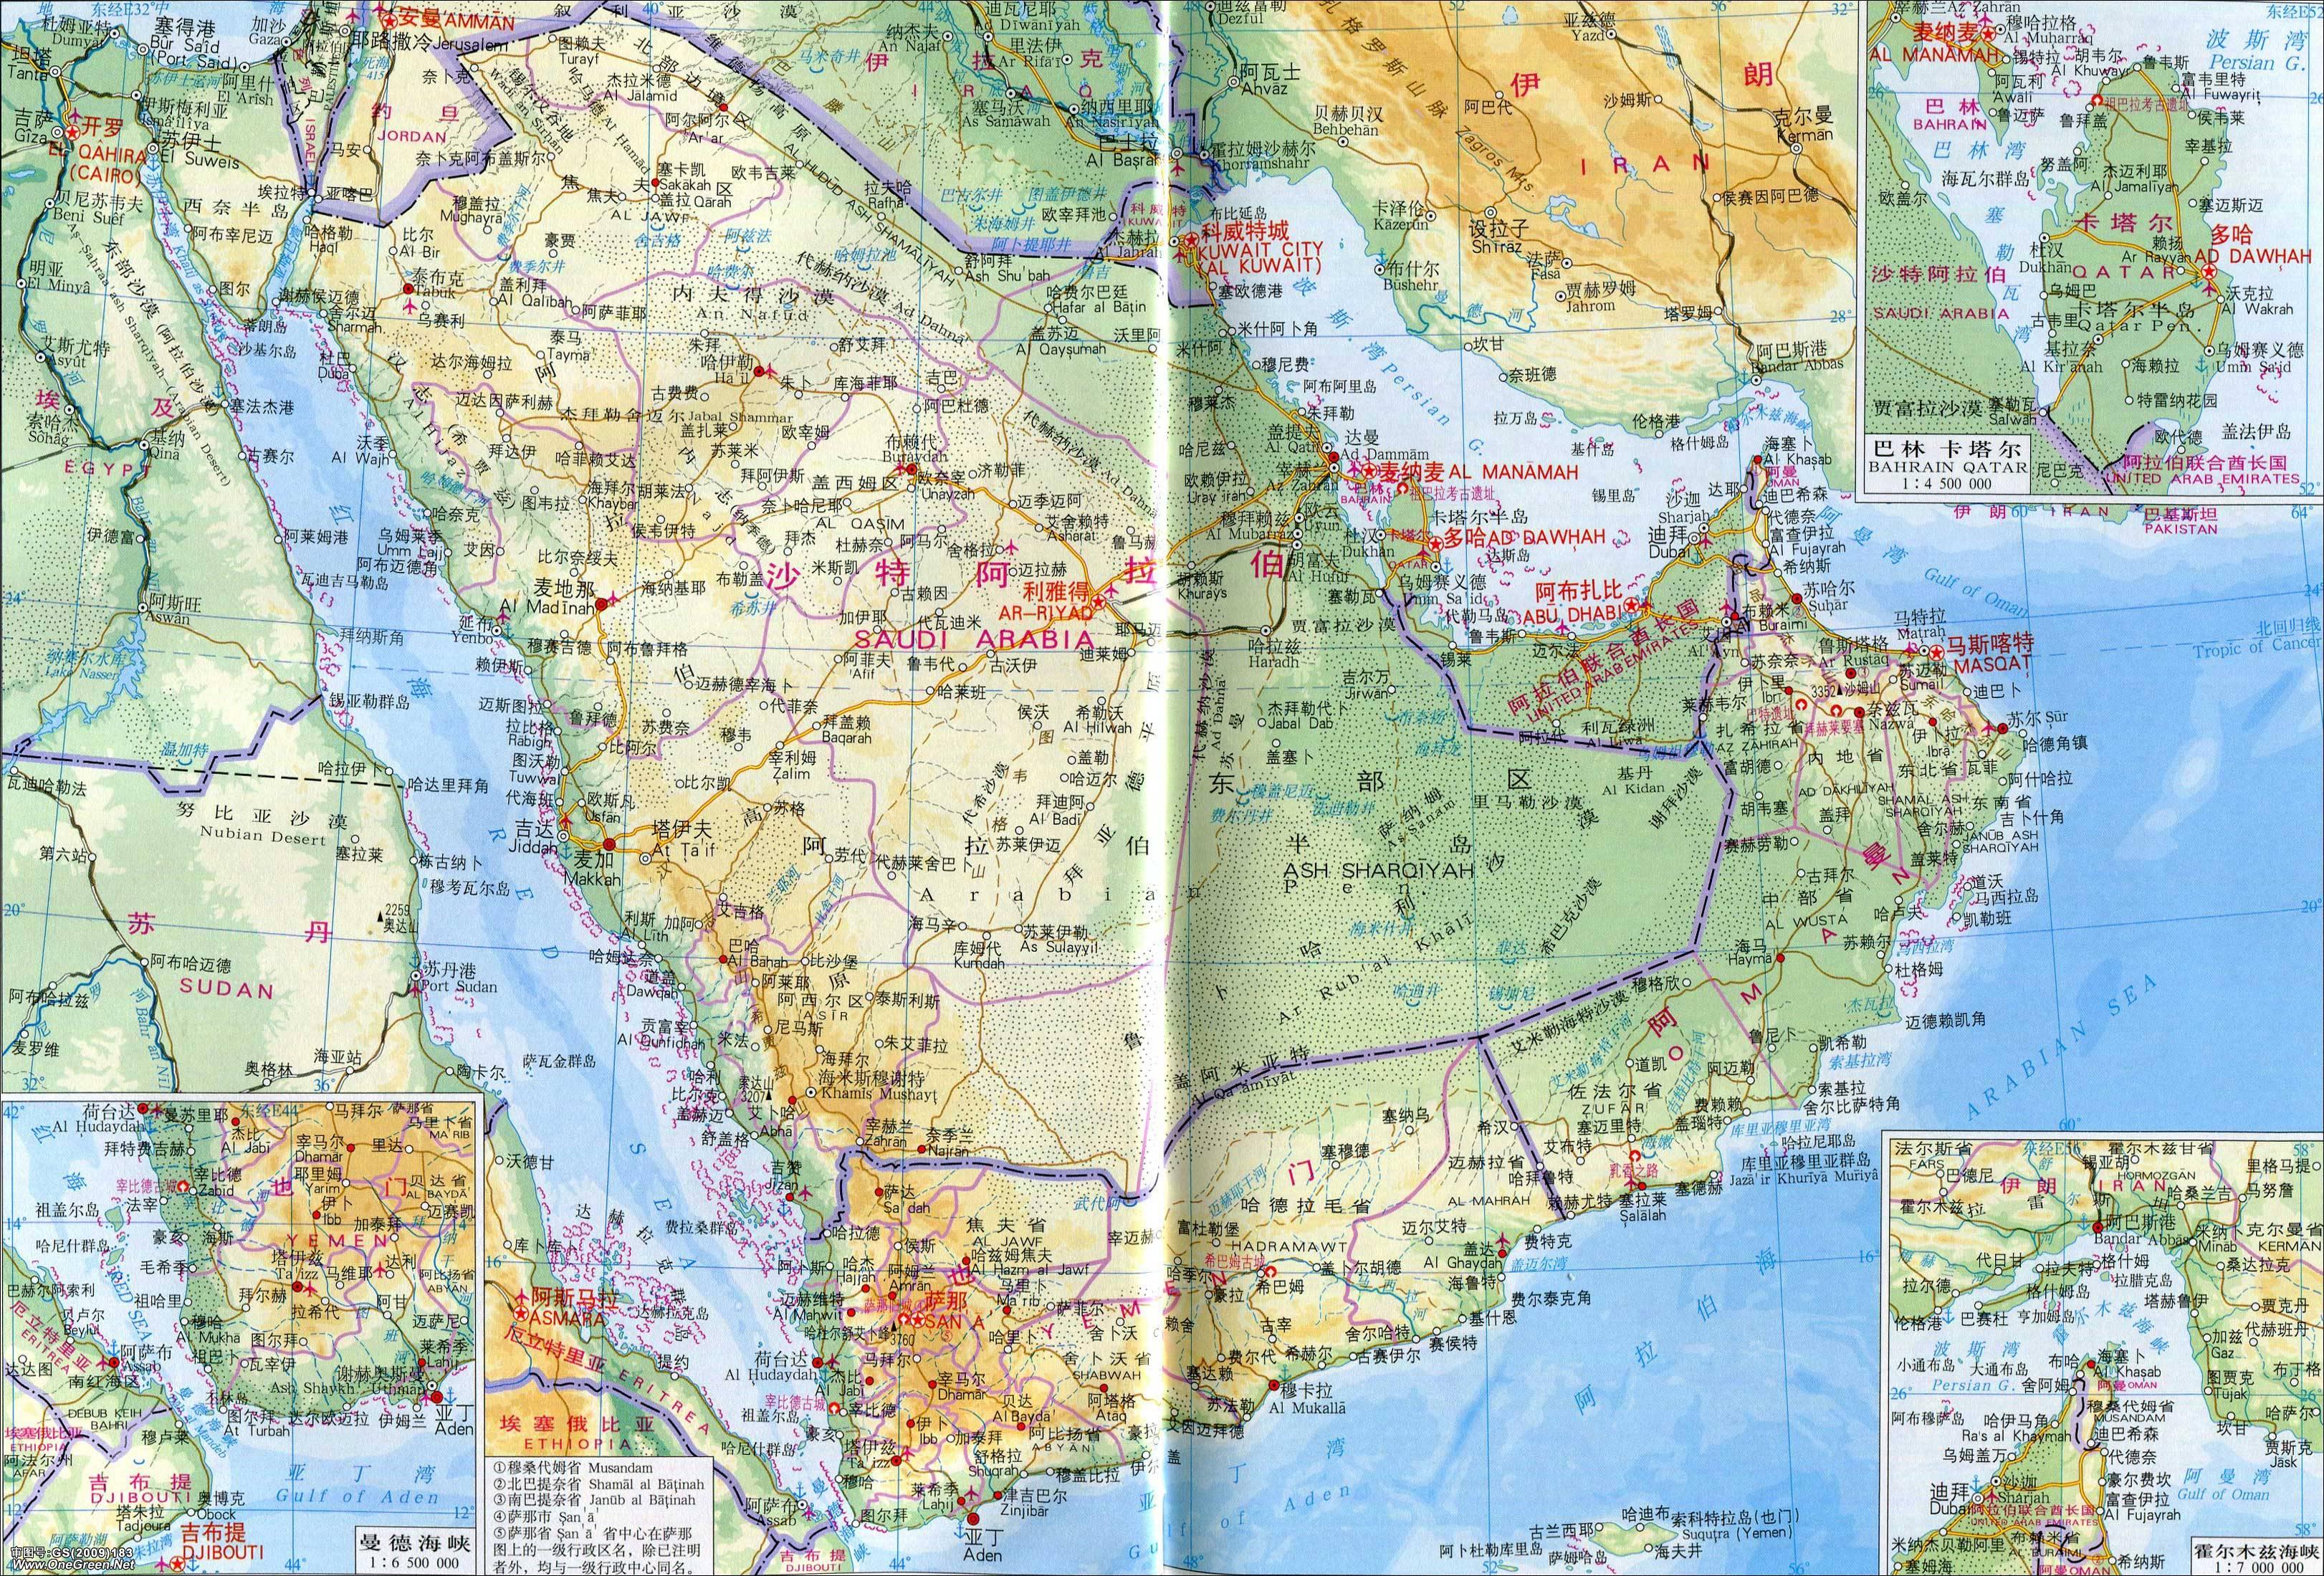 柬埔寨于中国位置地图